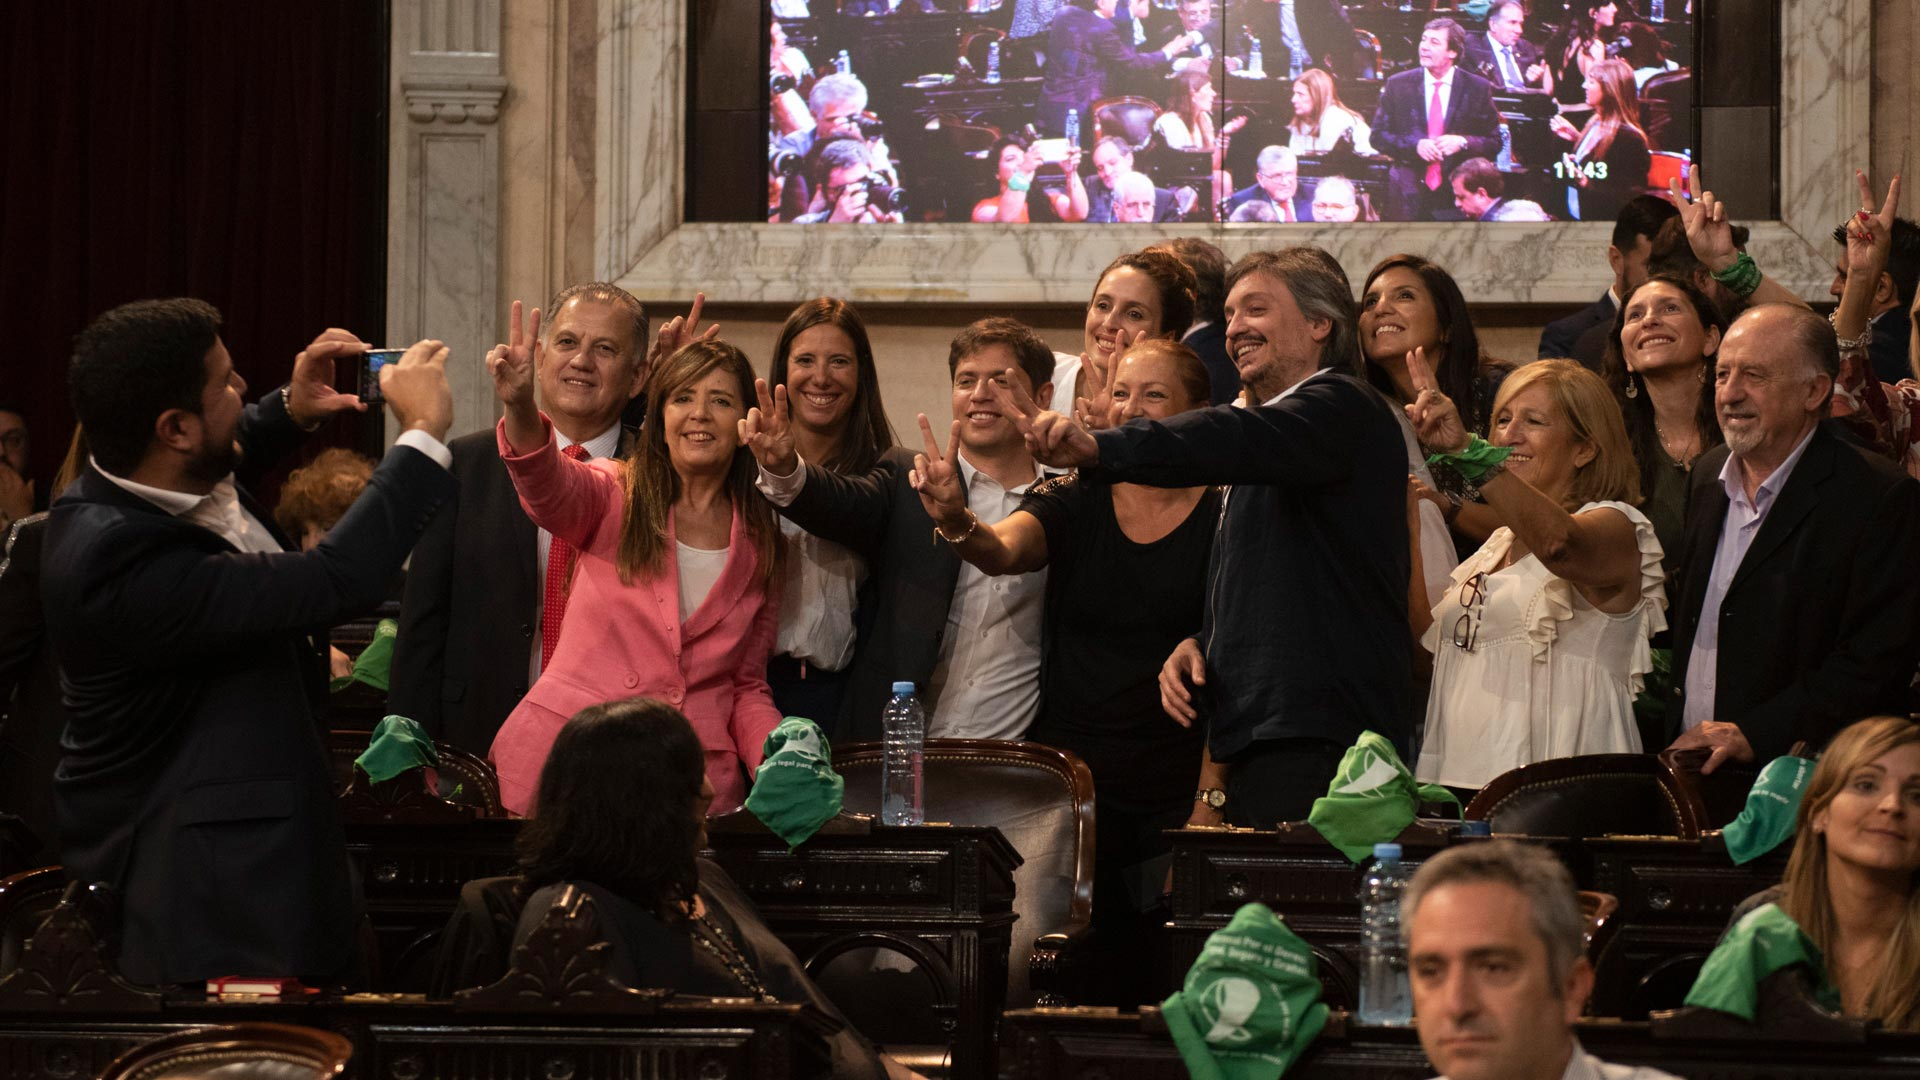 Axel Kicillof, el gobernador de la provincia de Buenos Aires, en medio de otros funcionarios oficialistas haciendo la señal peronista y acompañado también por otros símbolos relativos a la causa por la legalización del aborto